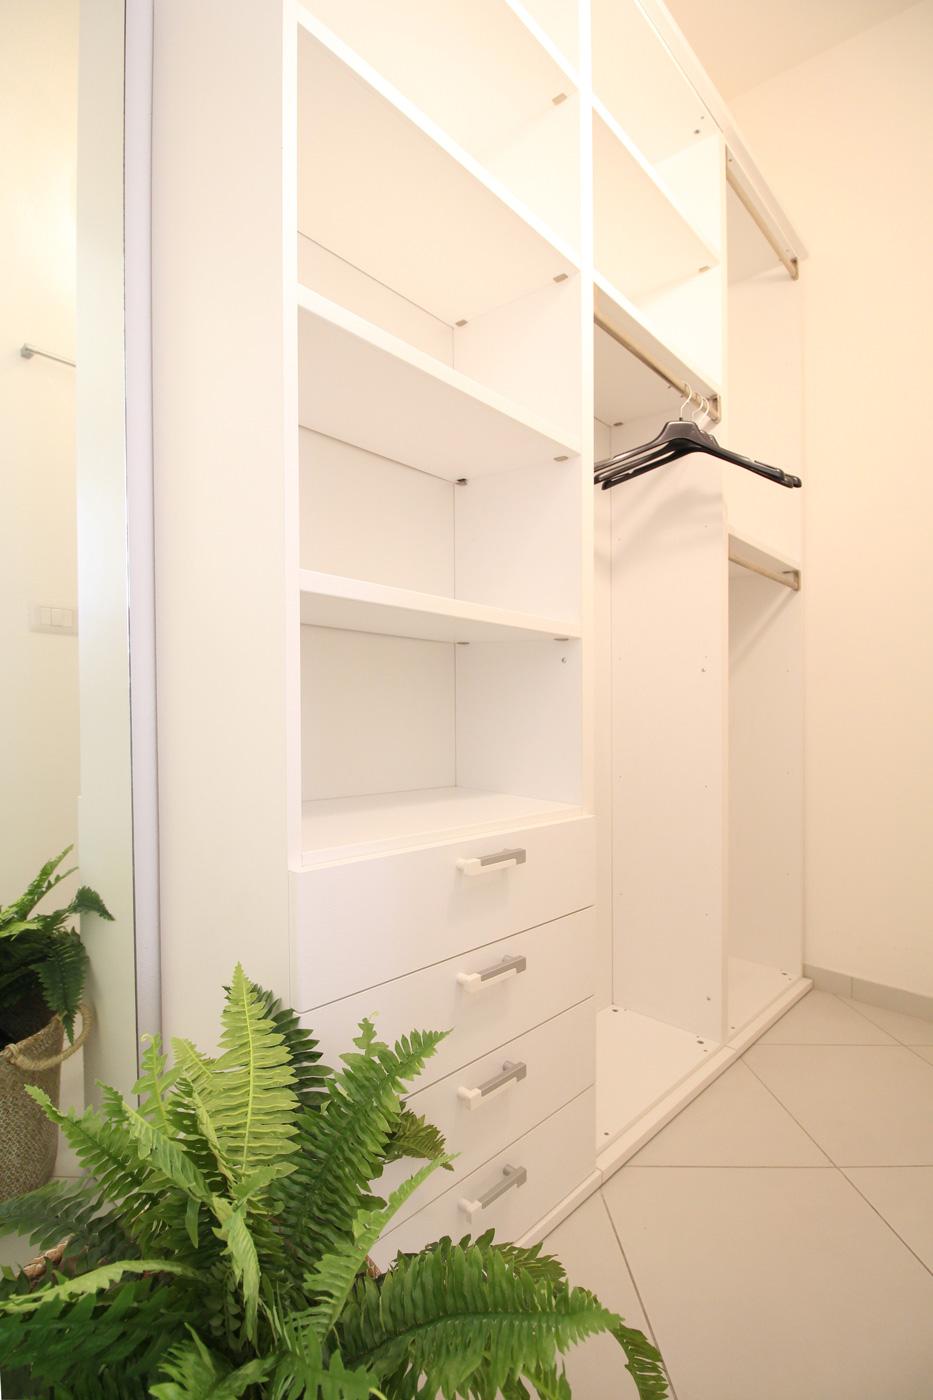 Appartamento la casina di gatteo_romagna case vacanze_IMG_8206_2